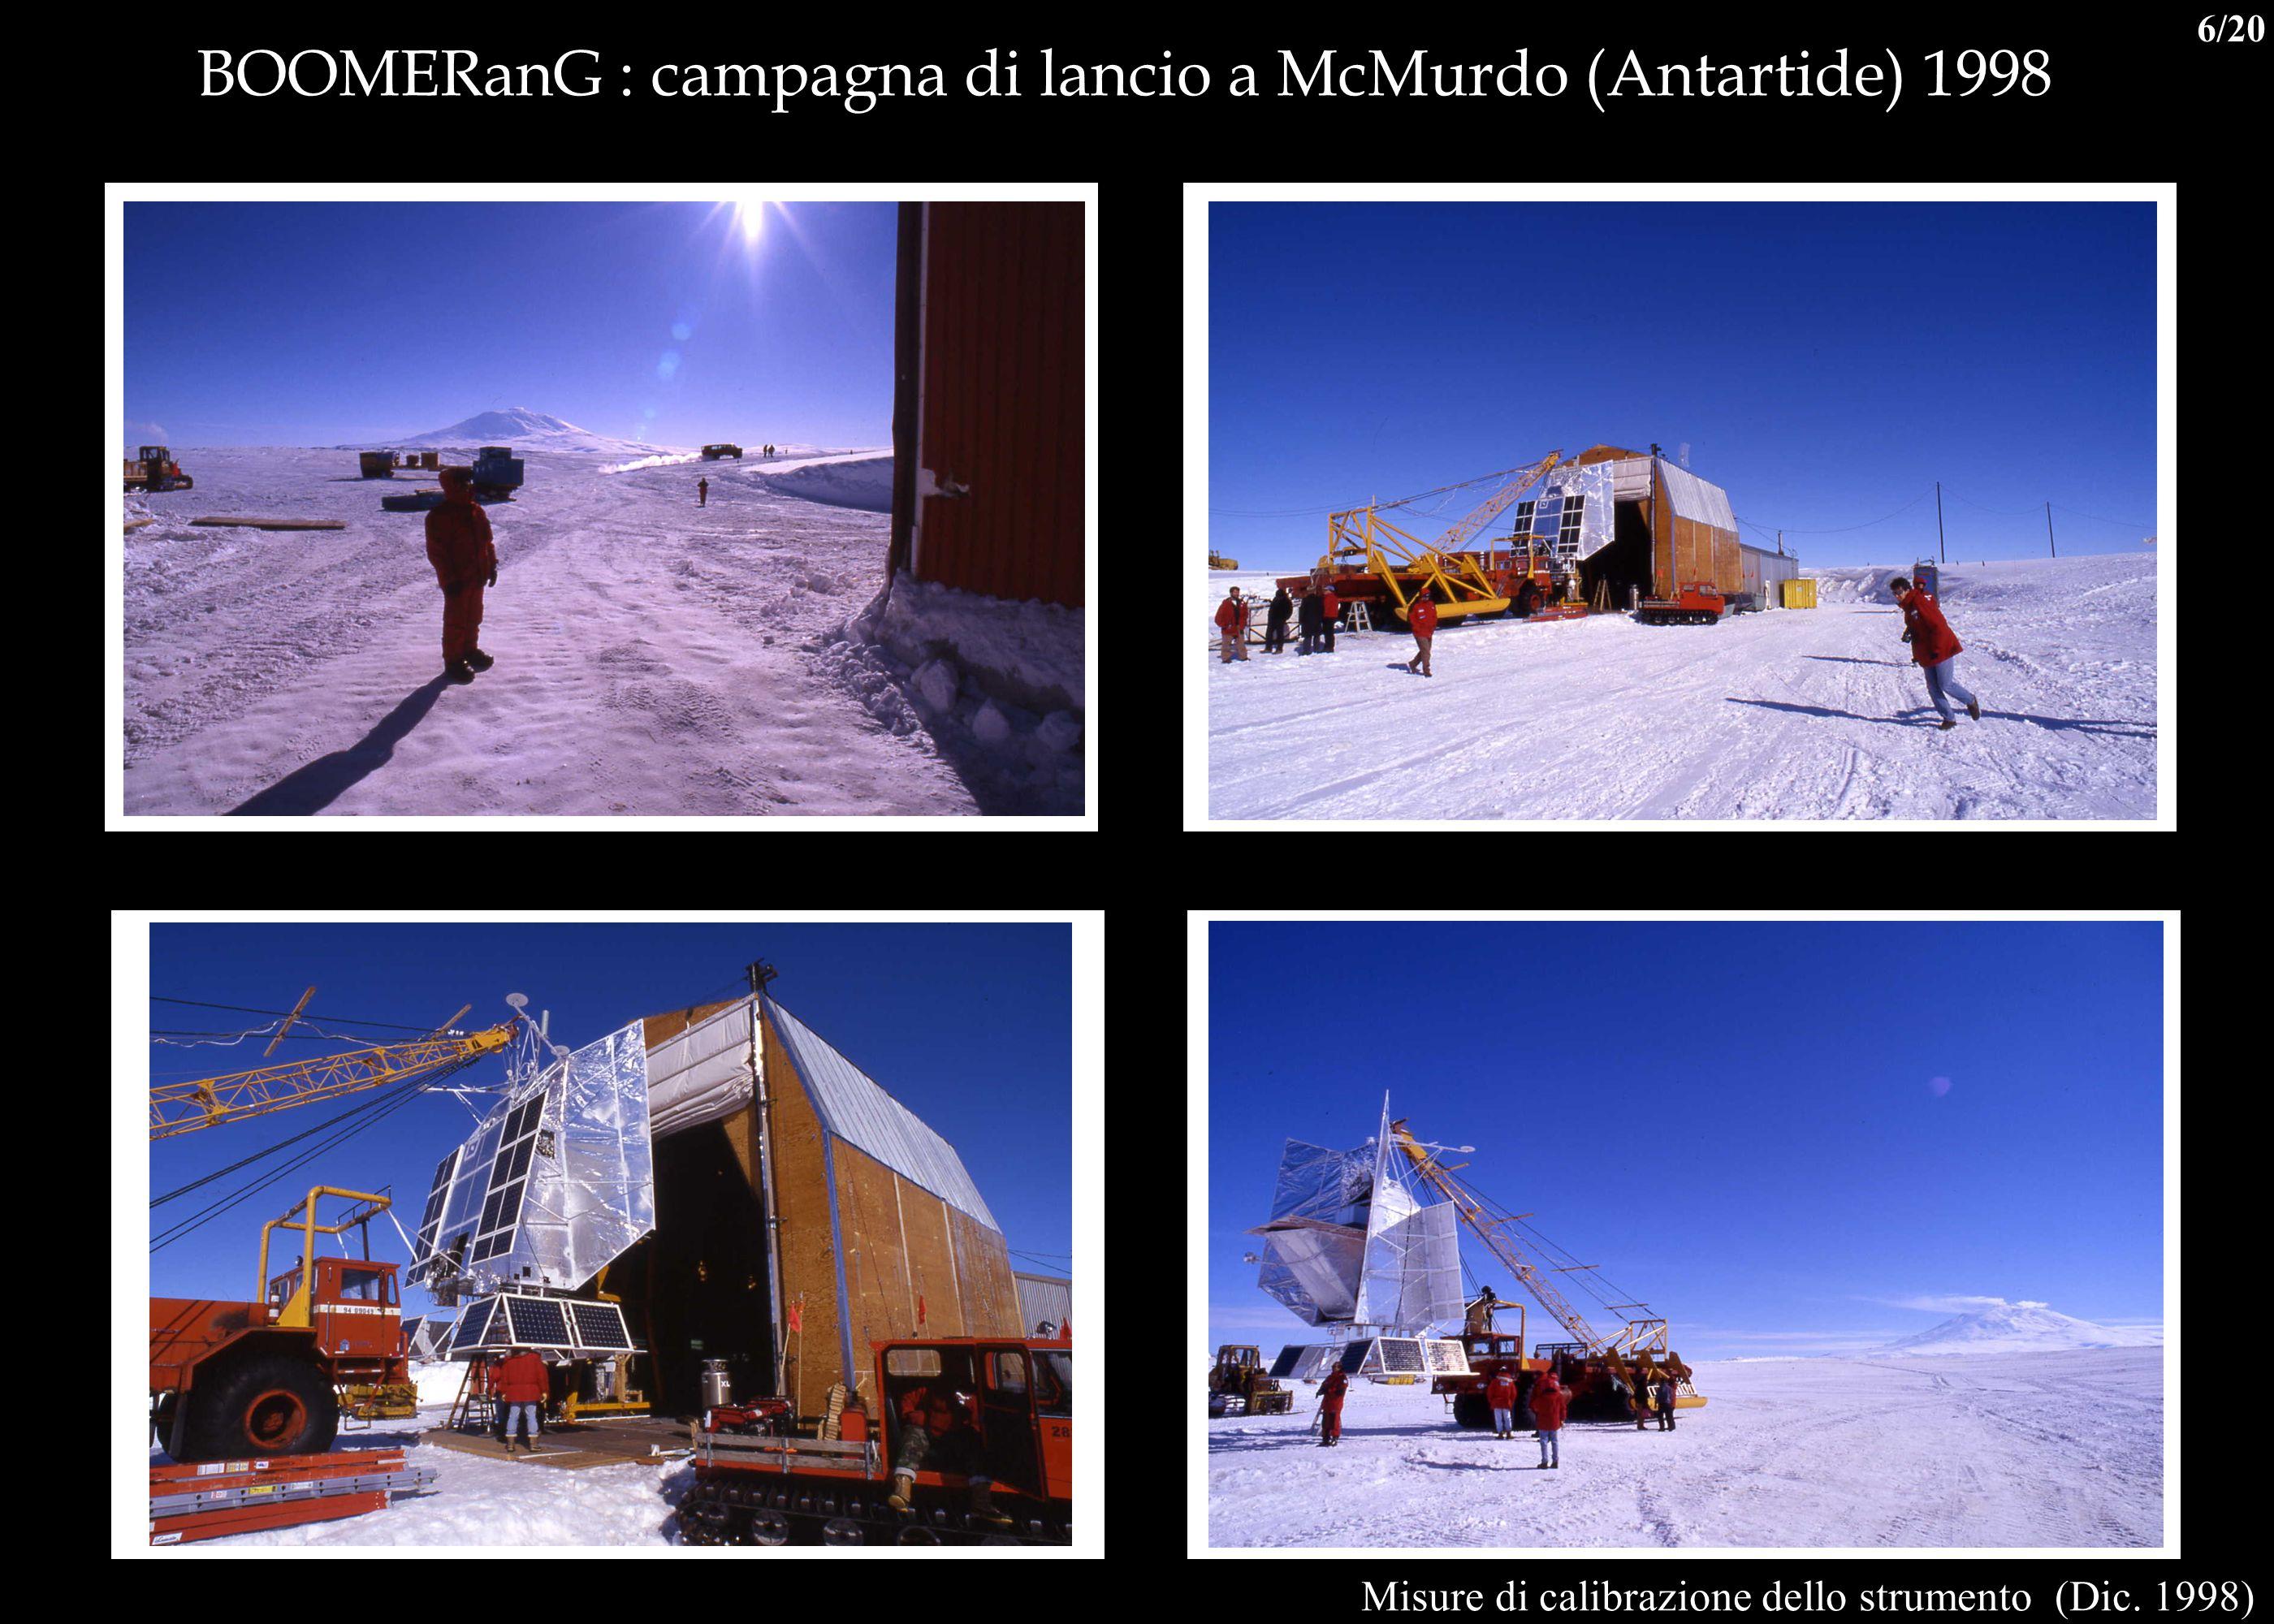 BOOMERanG : campagna di lancio a McMurdo (Antartide) 1998 Misure di calibrazione dello strumento (Dic. 1998) 6/20